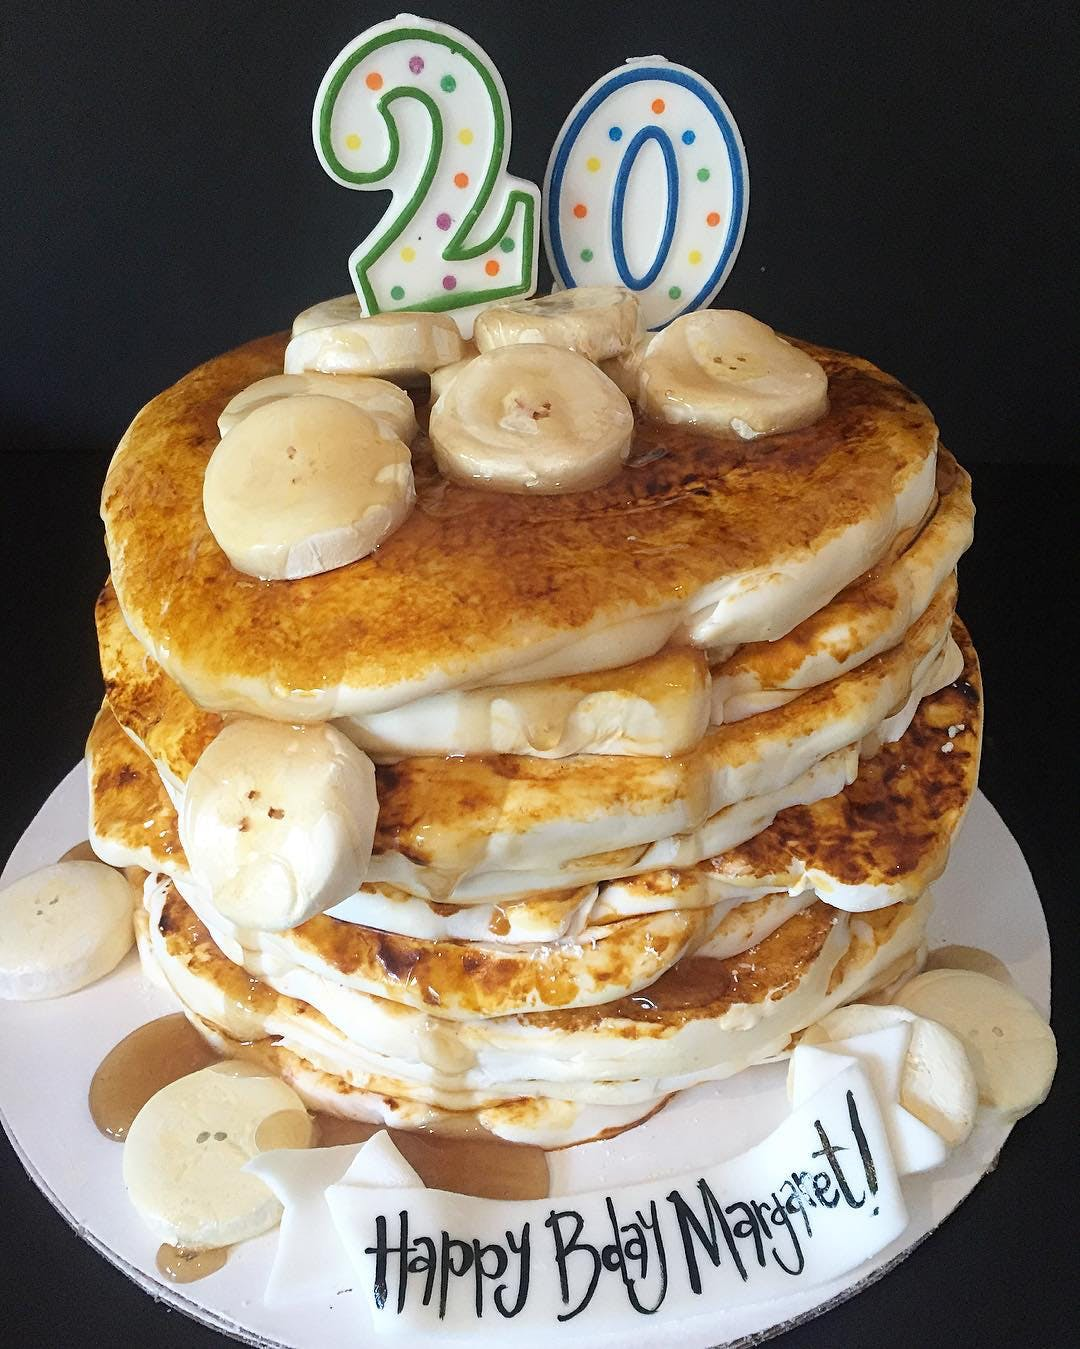 cadescakes Dallas foodie instagram accounts